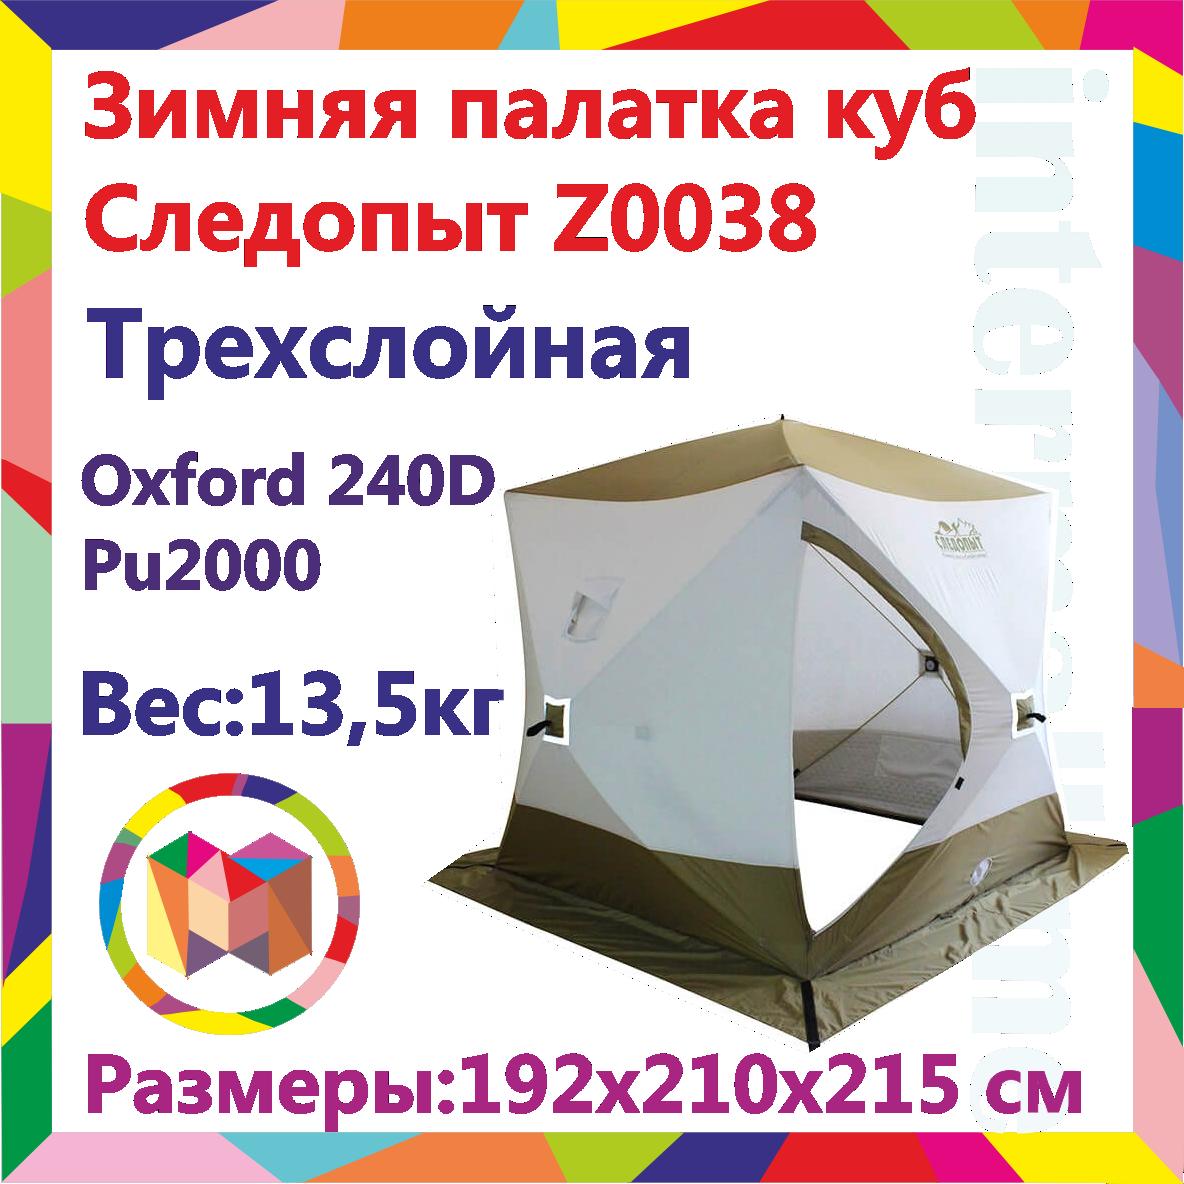 Палатка зимняя СЛЕДОПЫТ Куб премиум, 4 пятиместная трехслойная (PF-TW-14) 192х210х215 см